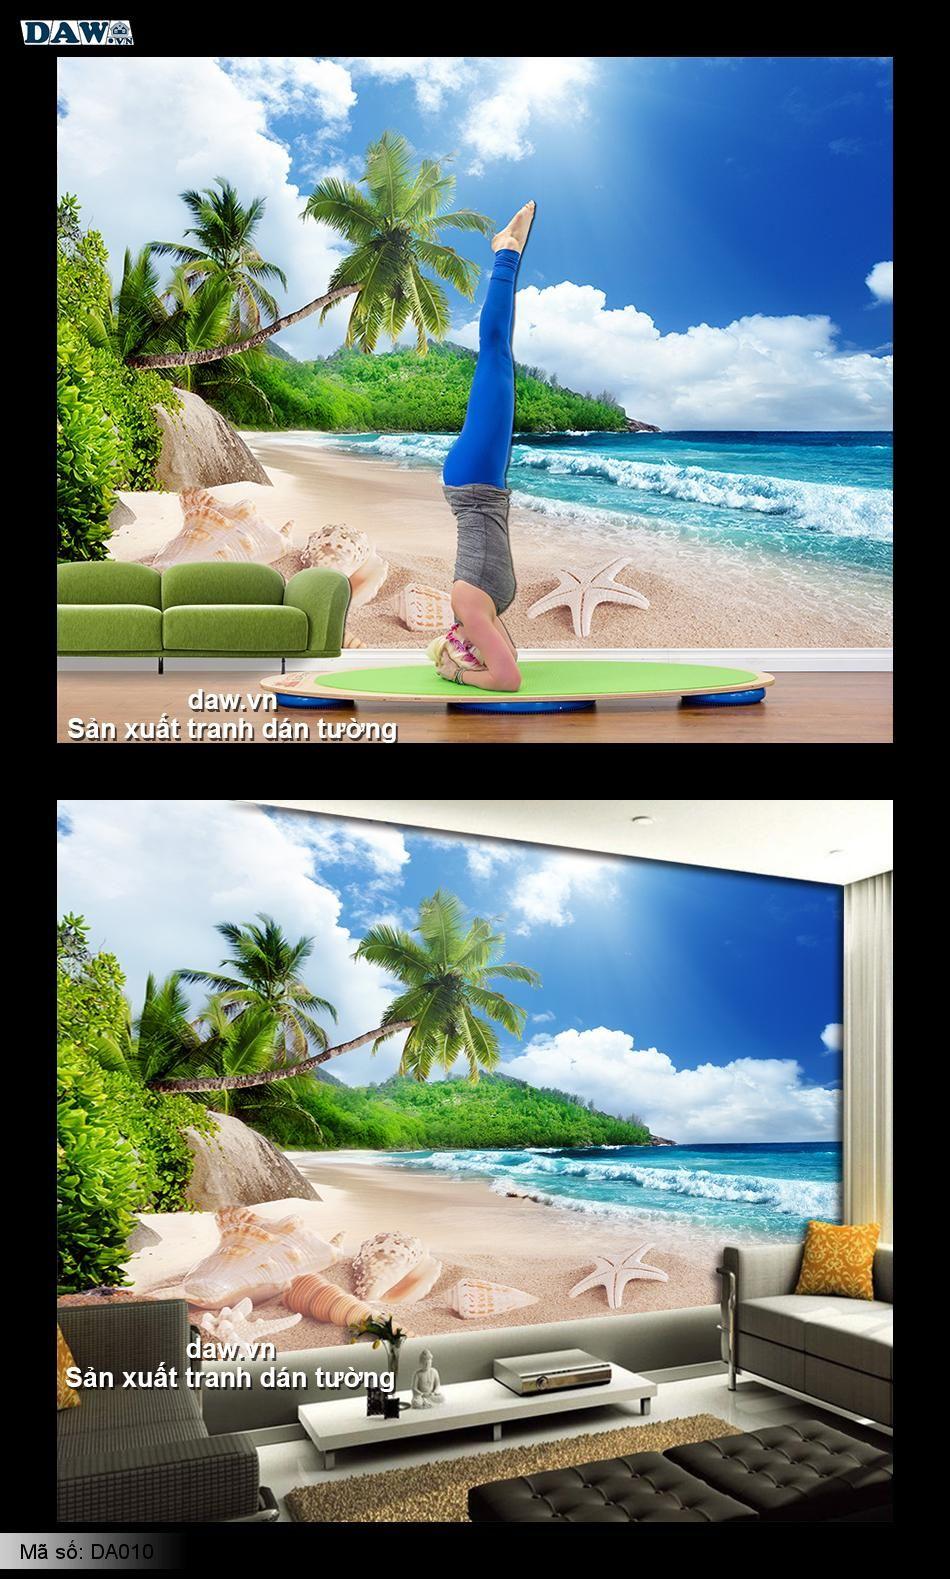 Tranh dán tường bãi biển, tranh biển, biển đẹp, biển dừa, nghêu sò ốc hến, tranh dán tường biển, daw DA010